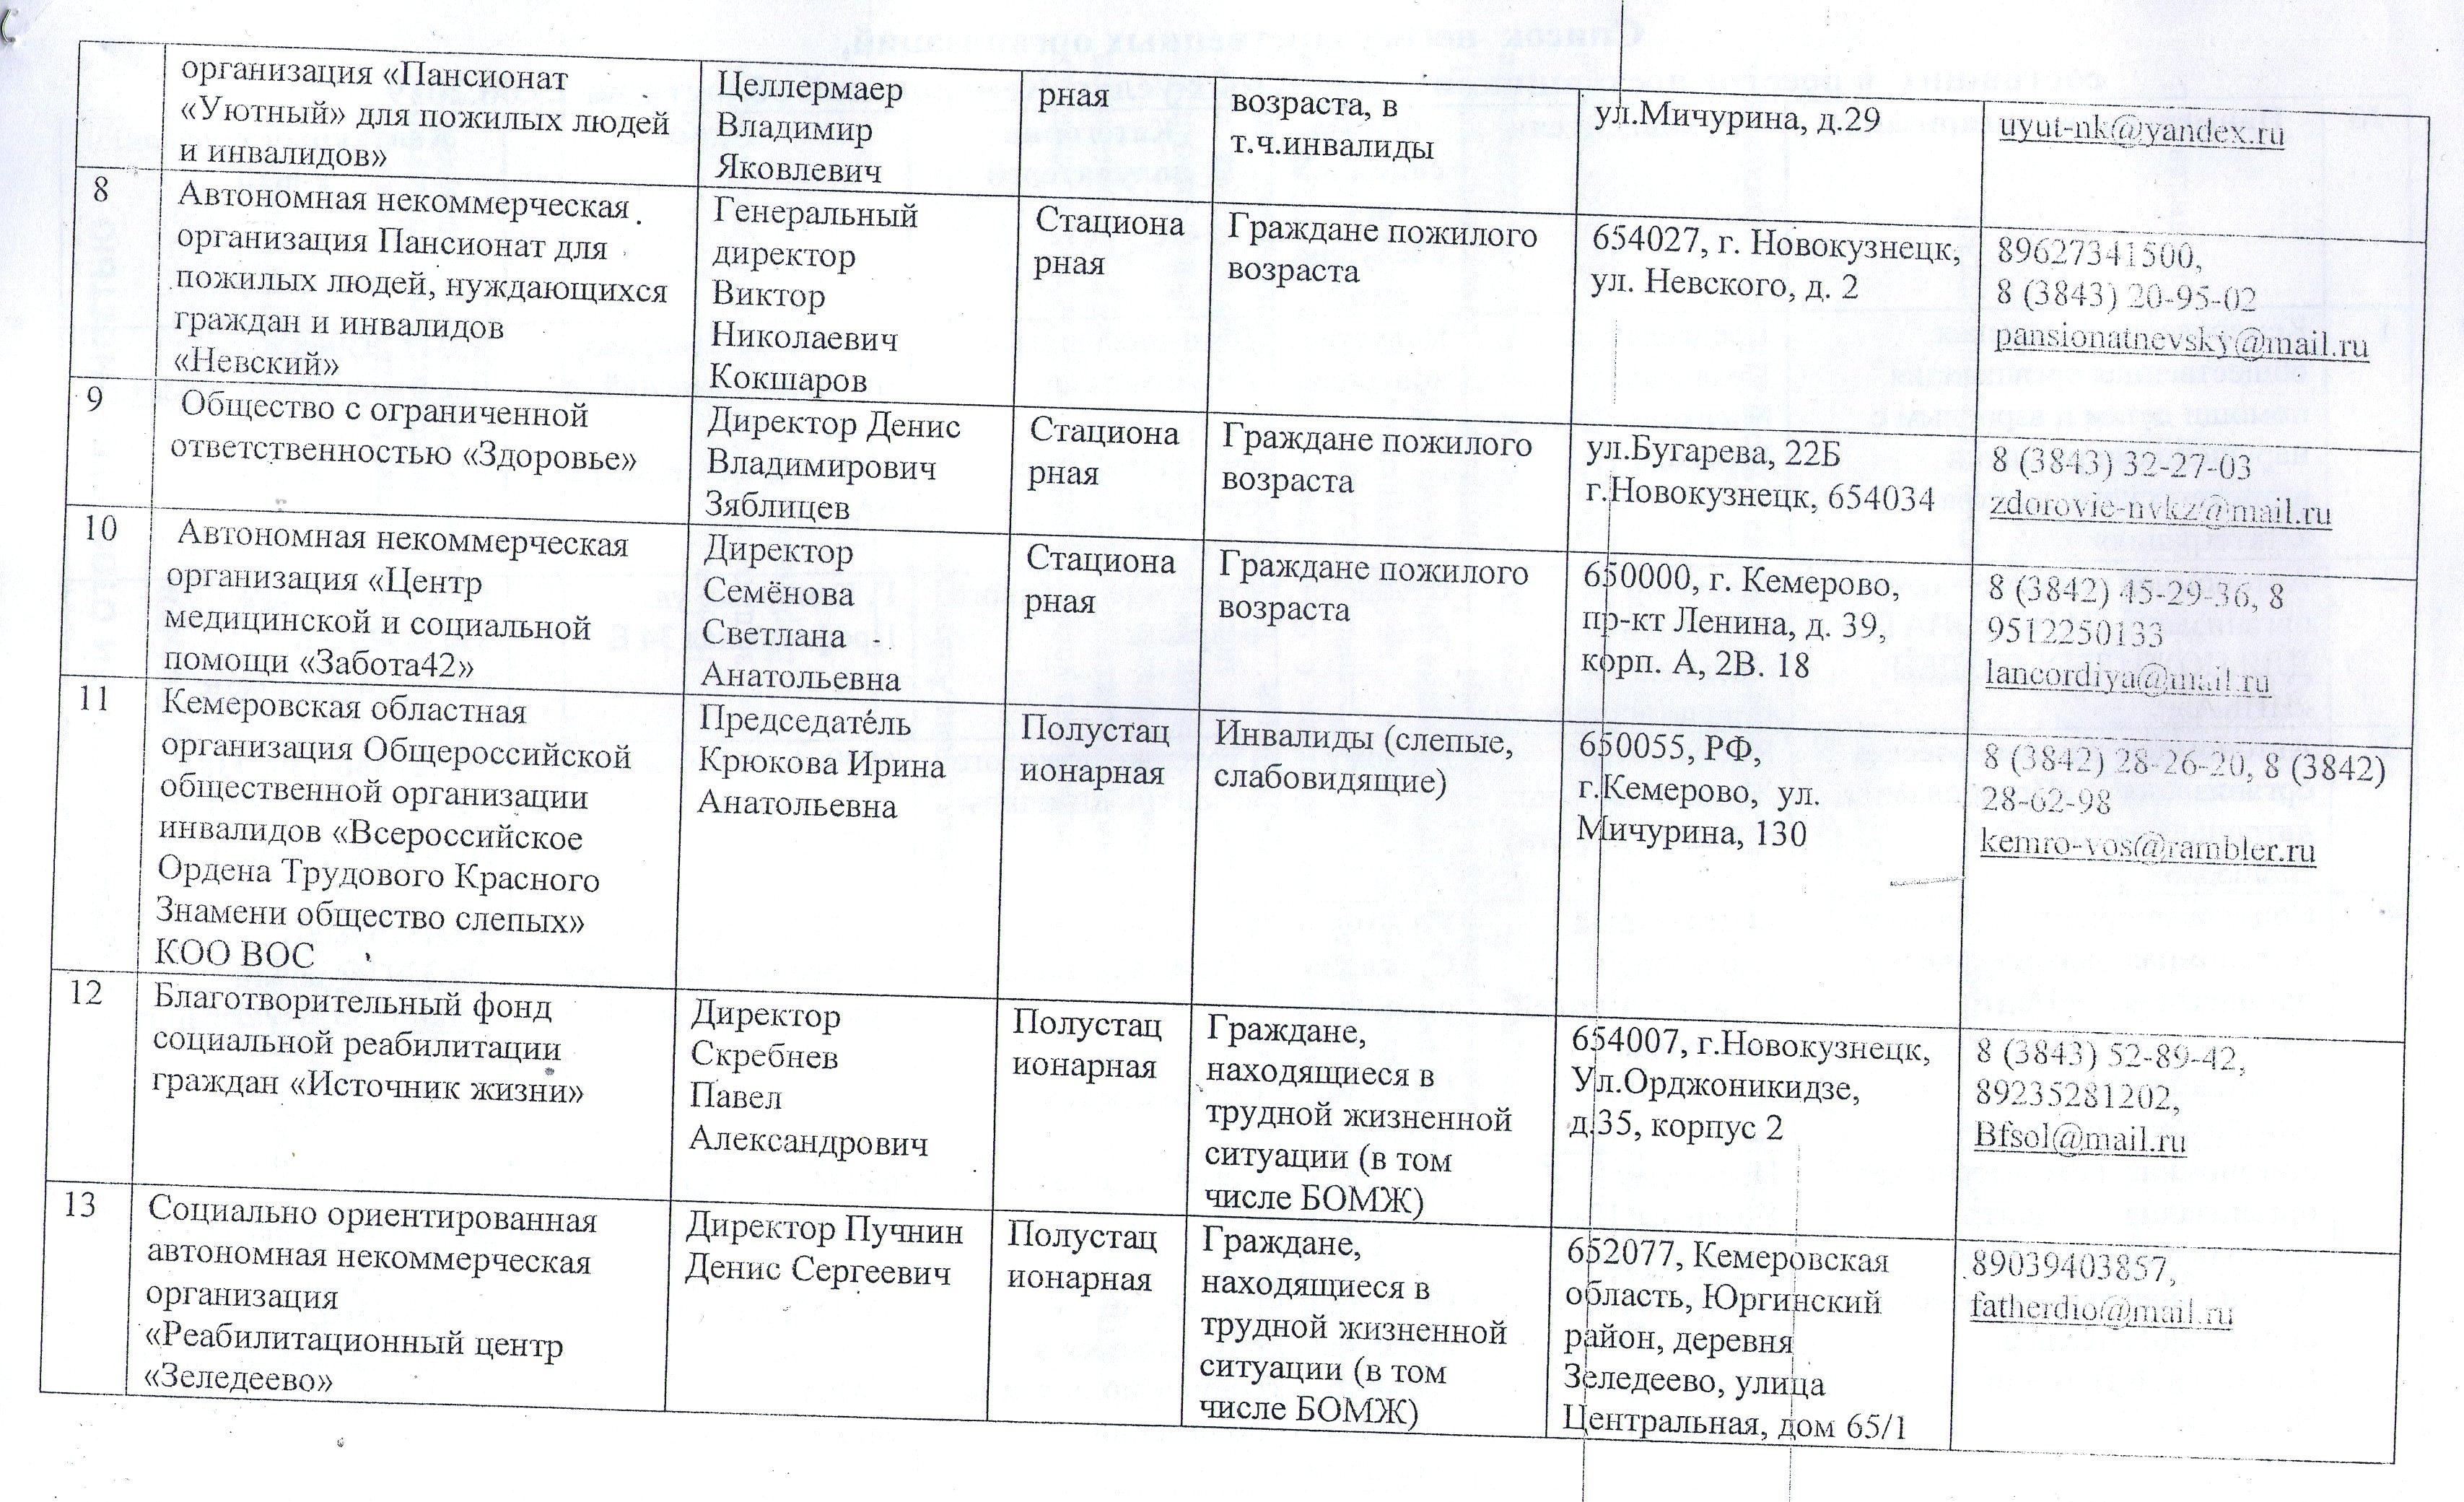 Кемеровское отделение №8615. ПАО «Сбербанк России», БИК 043207612.